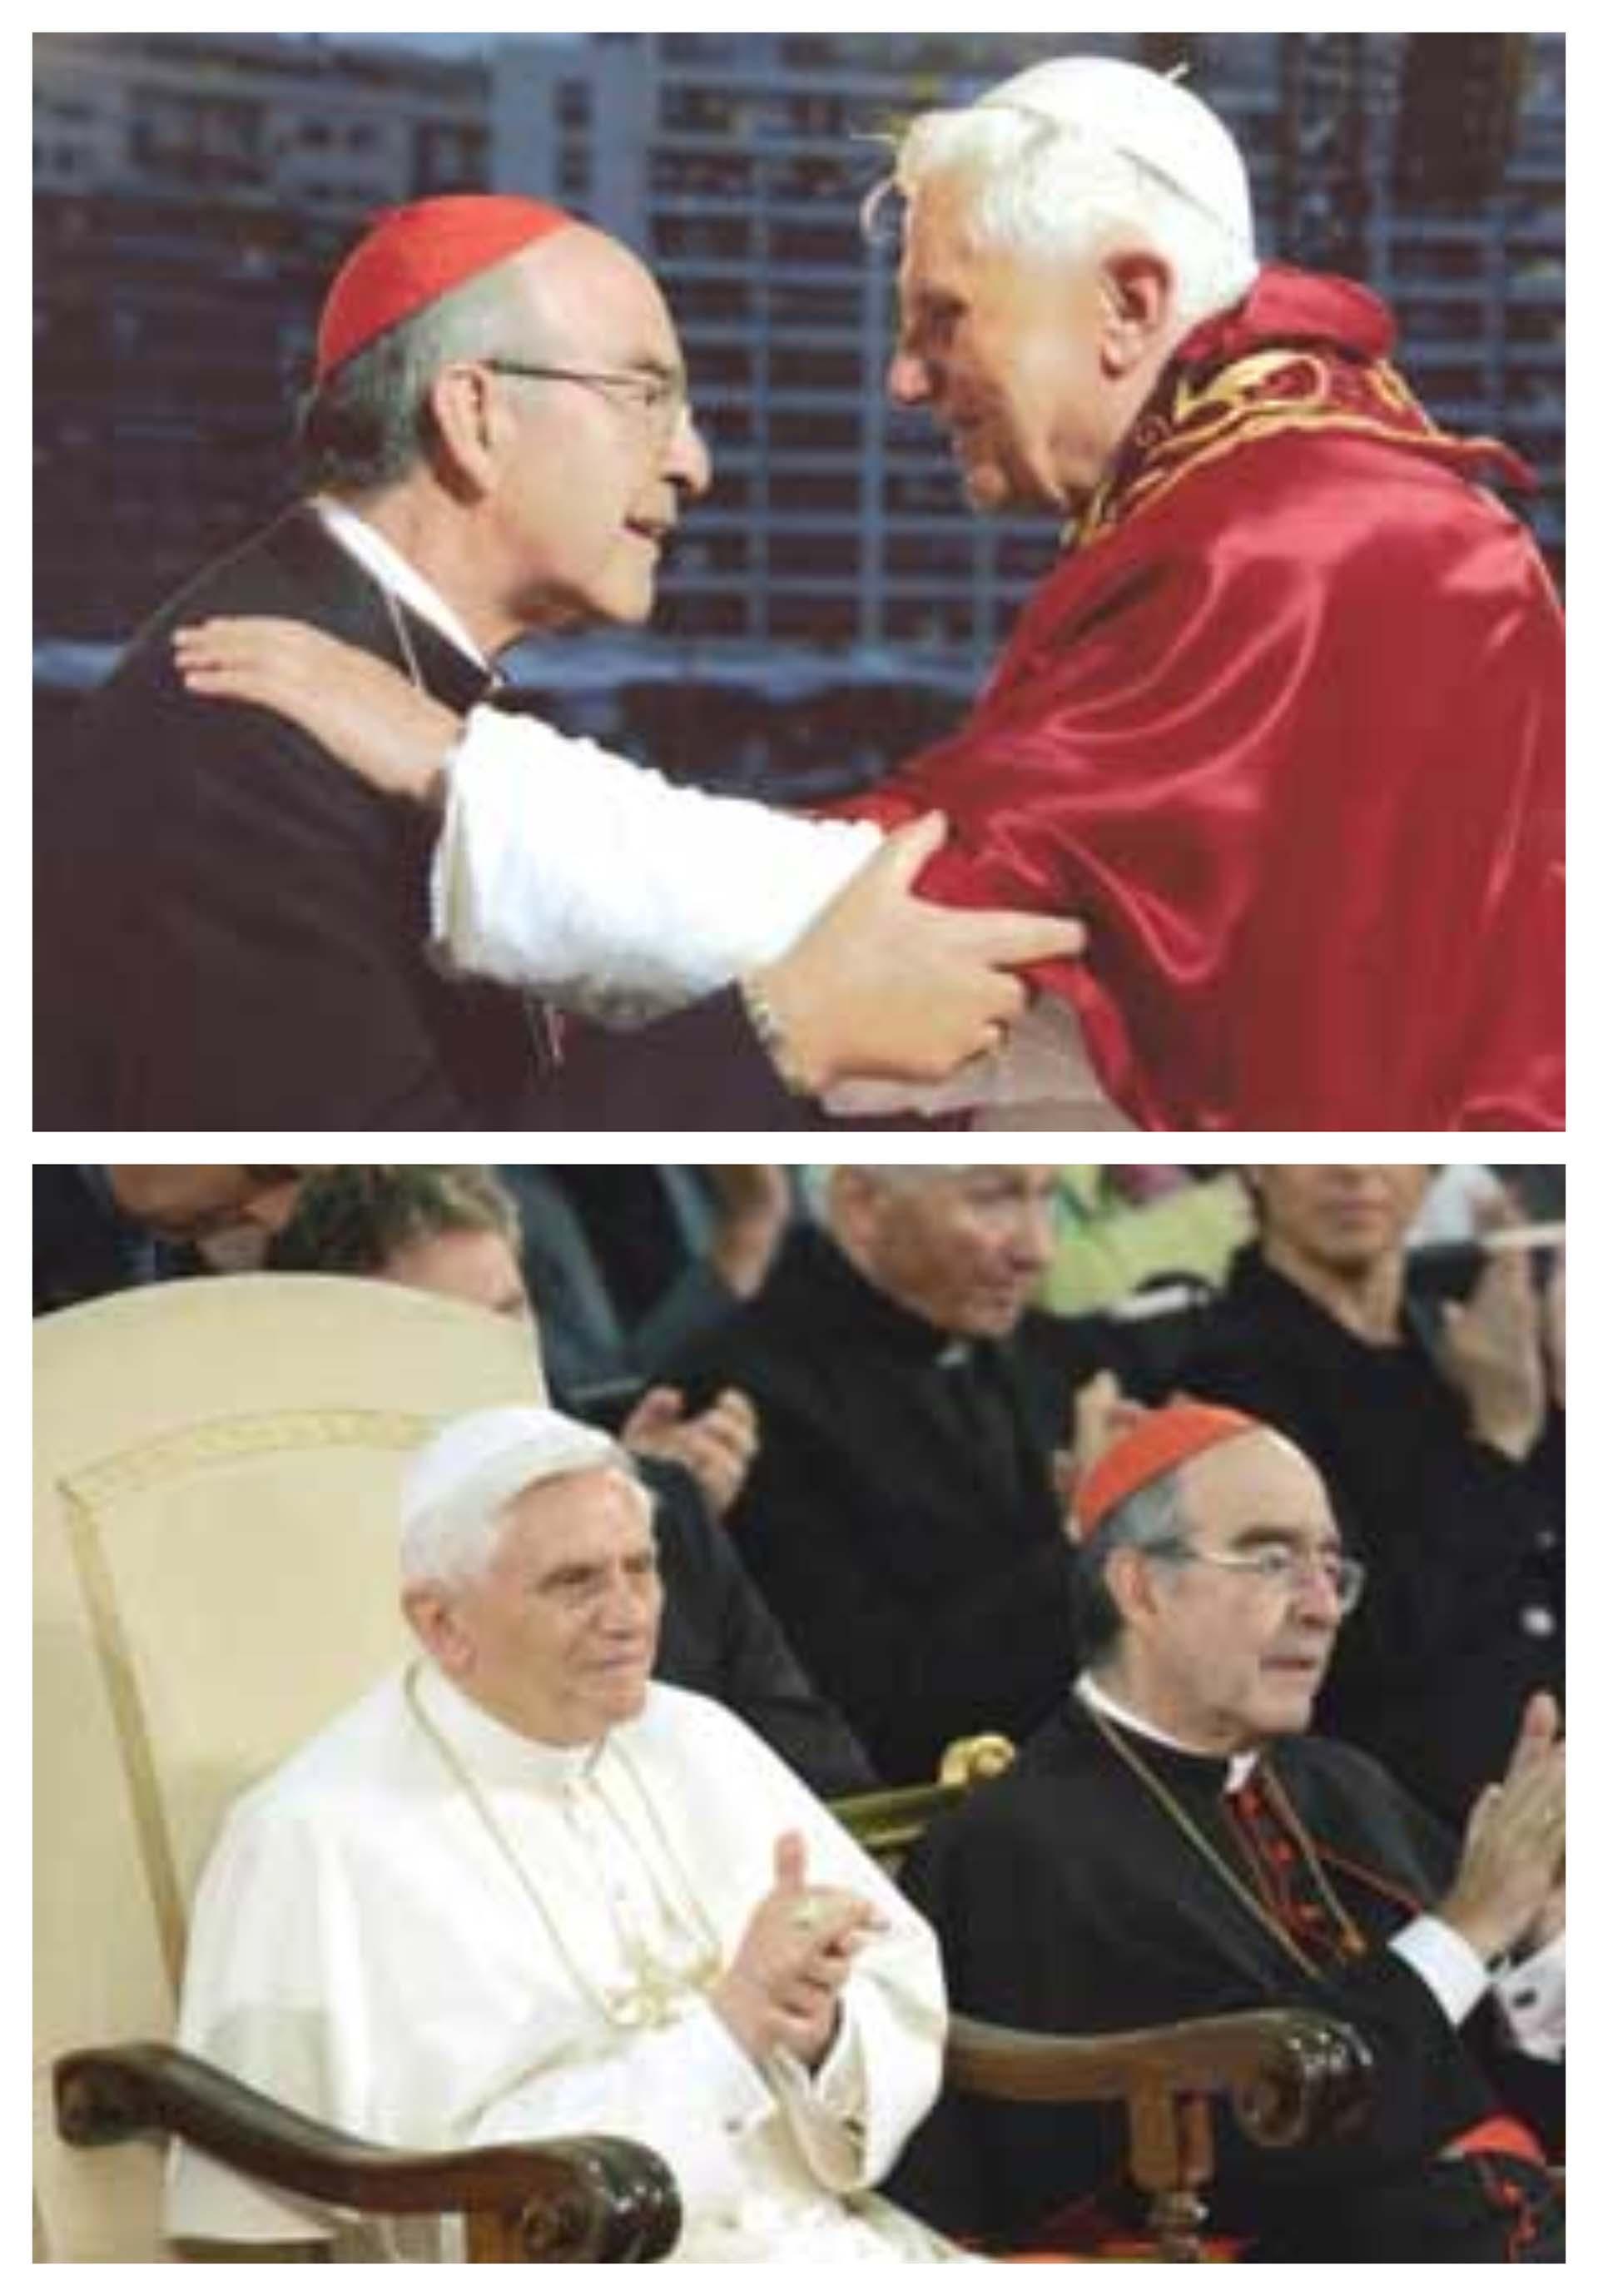 El cardenal colombiano influyó en la elección del alemán Joseph Ratzinger como papa Benedicto XVI.